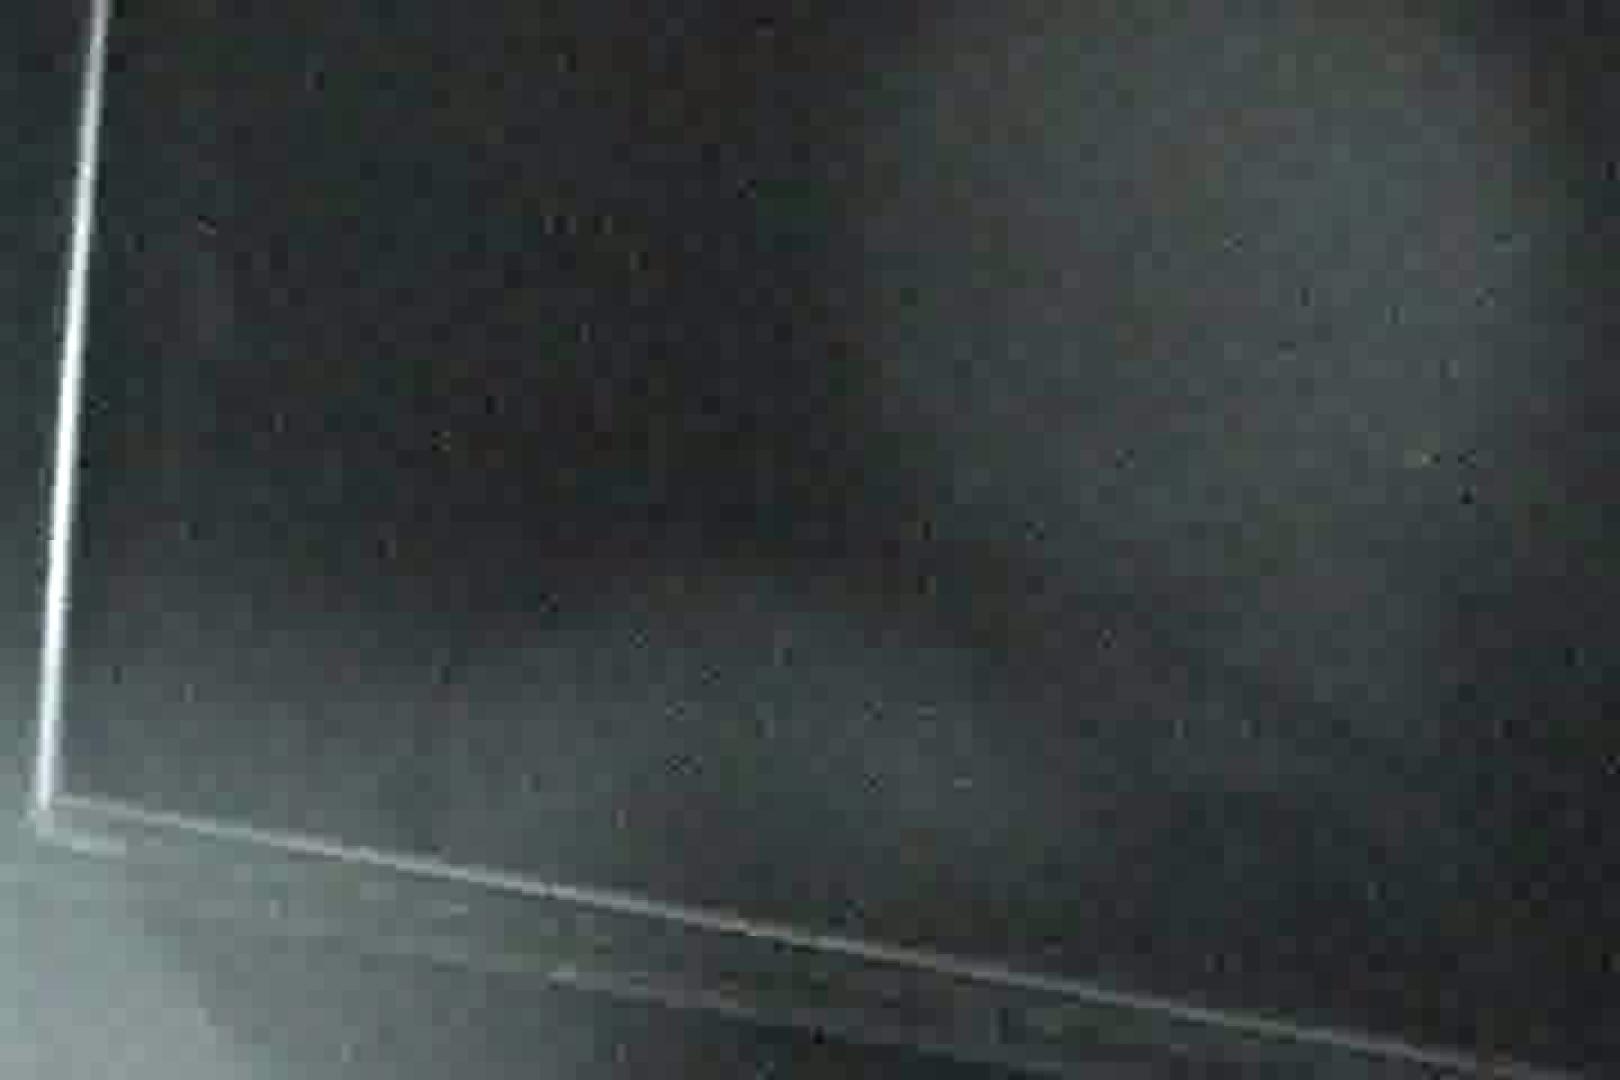 充血監督の深夜の運動会Vol.3 車でエッチ エロ画像 108PIX 3